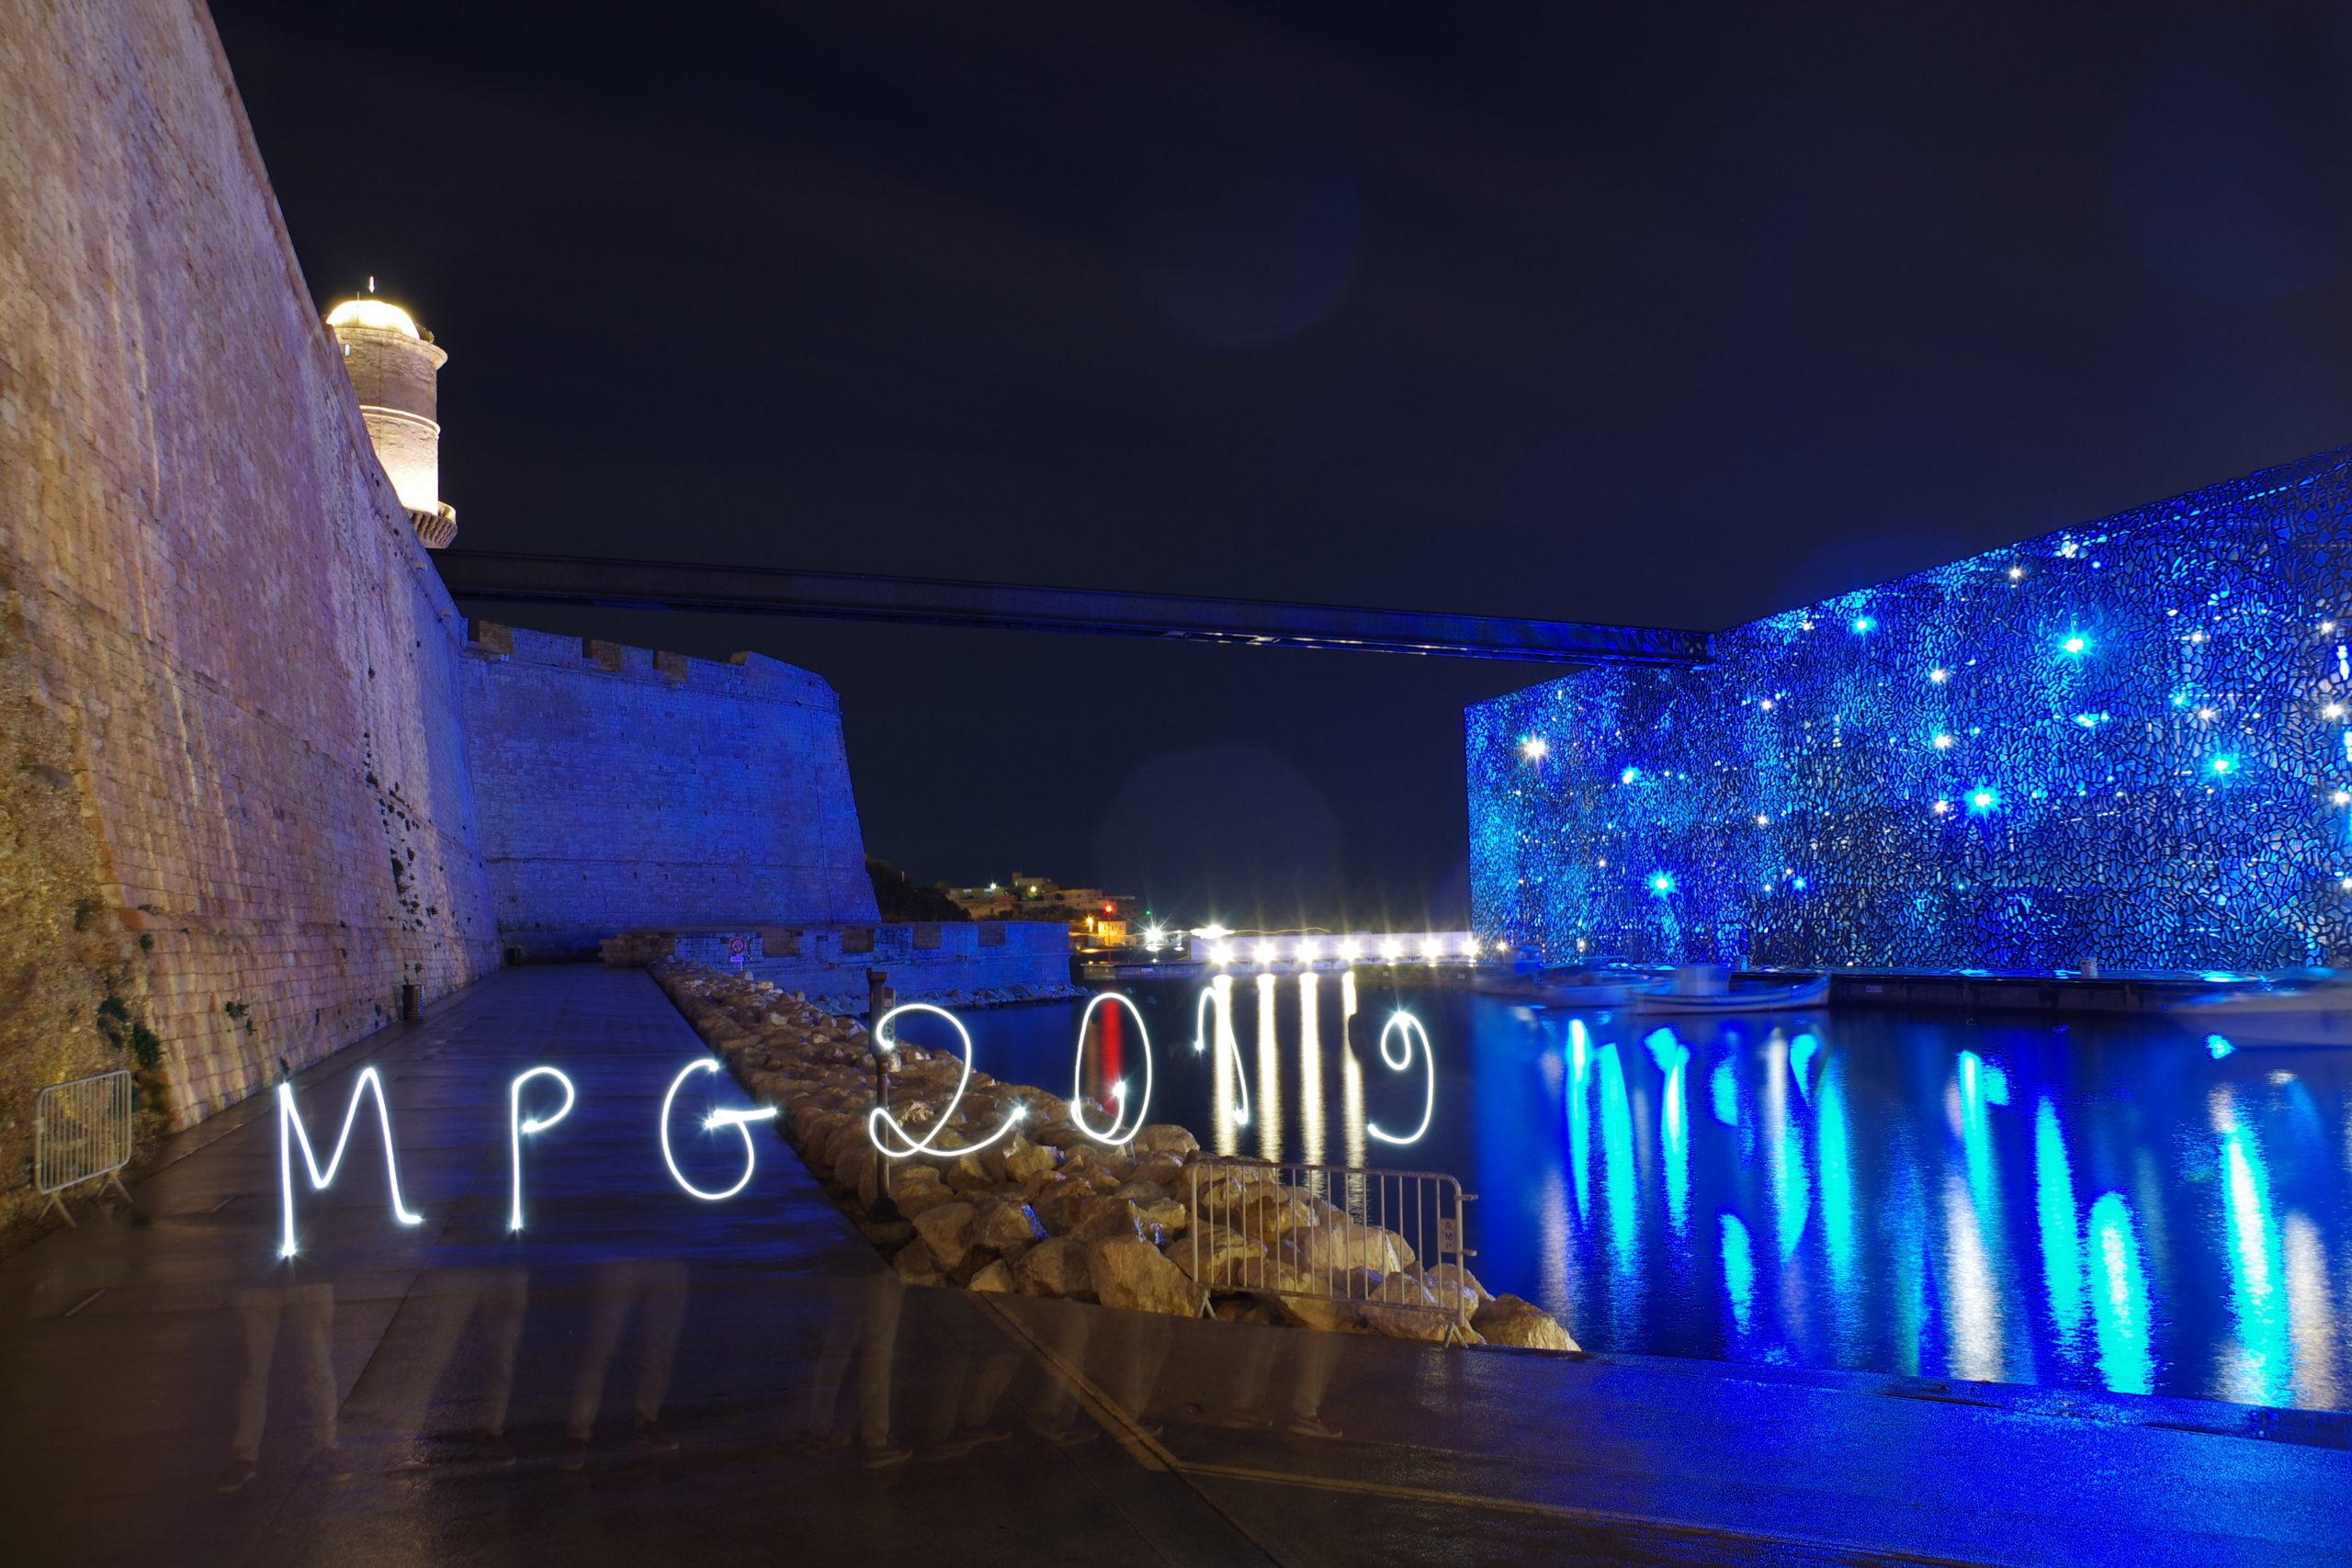 veille maximelicata MPG2019 clôture promotion territoires Marseille Mucem